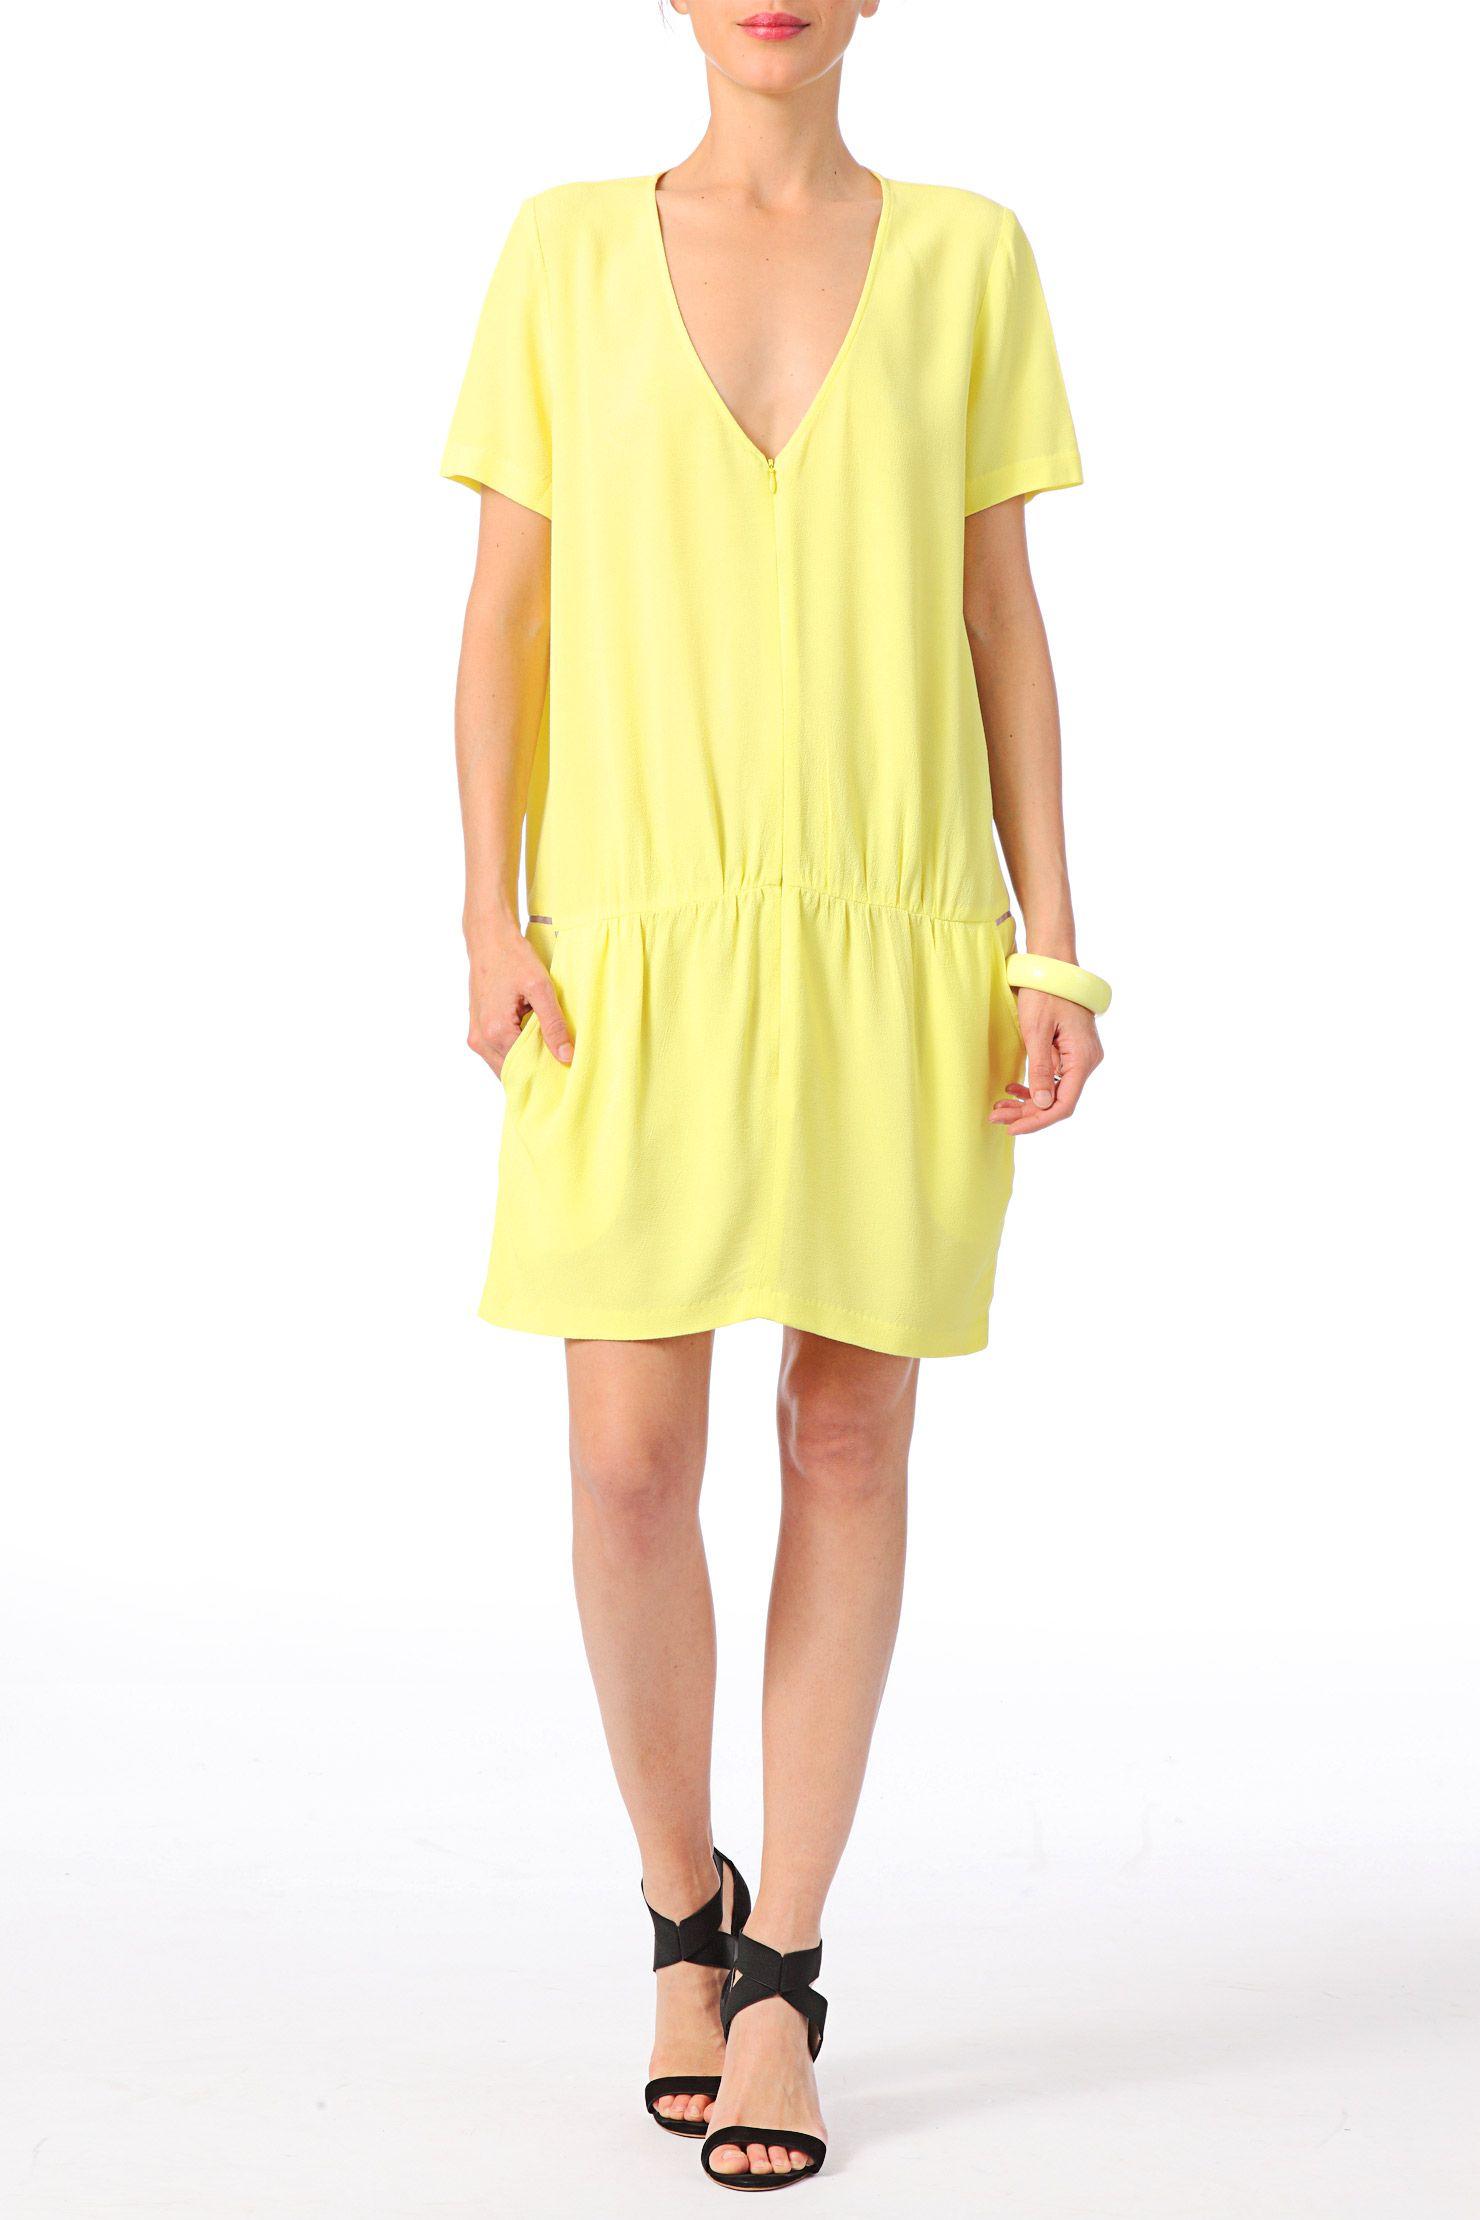 4f794137389687 Robe jaune bash – Modèles populaires de robes